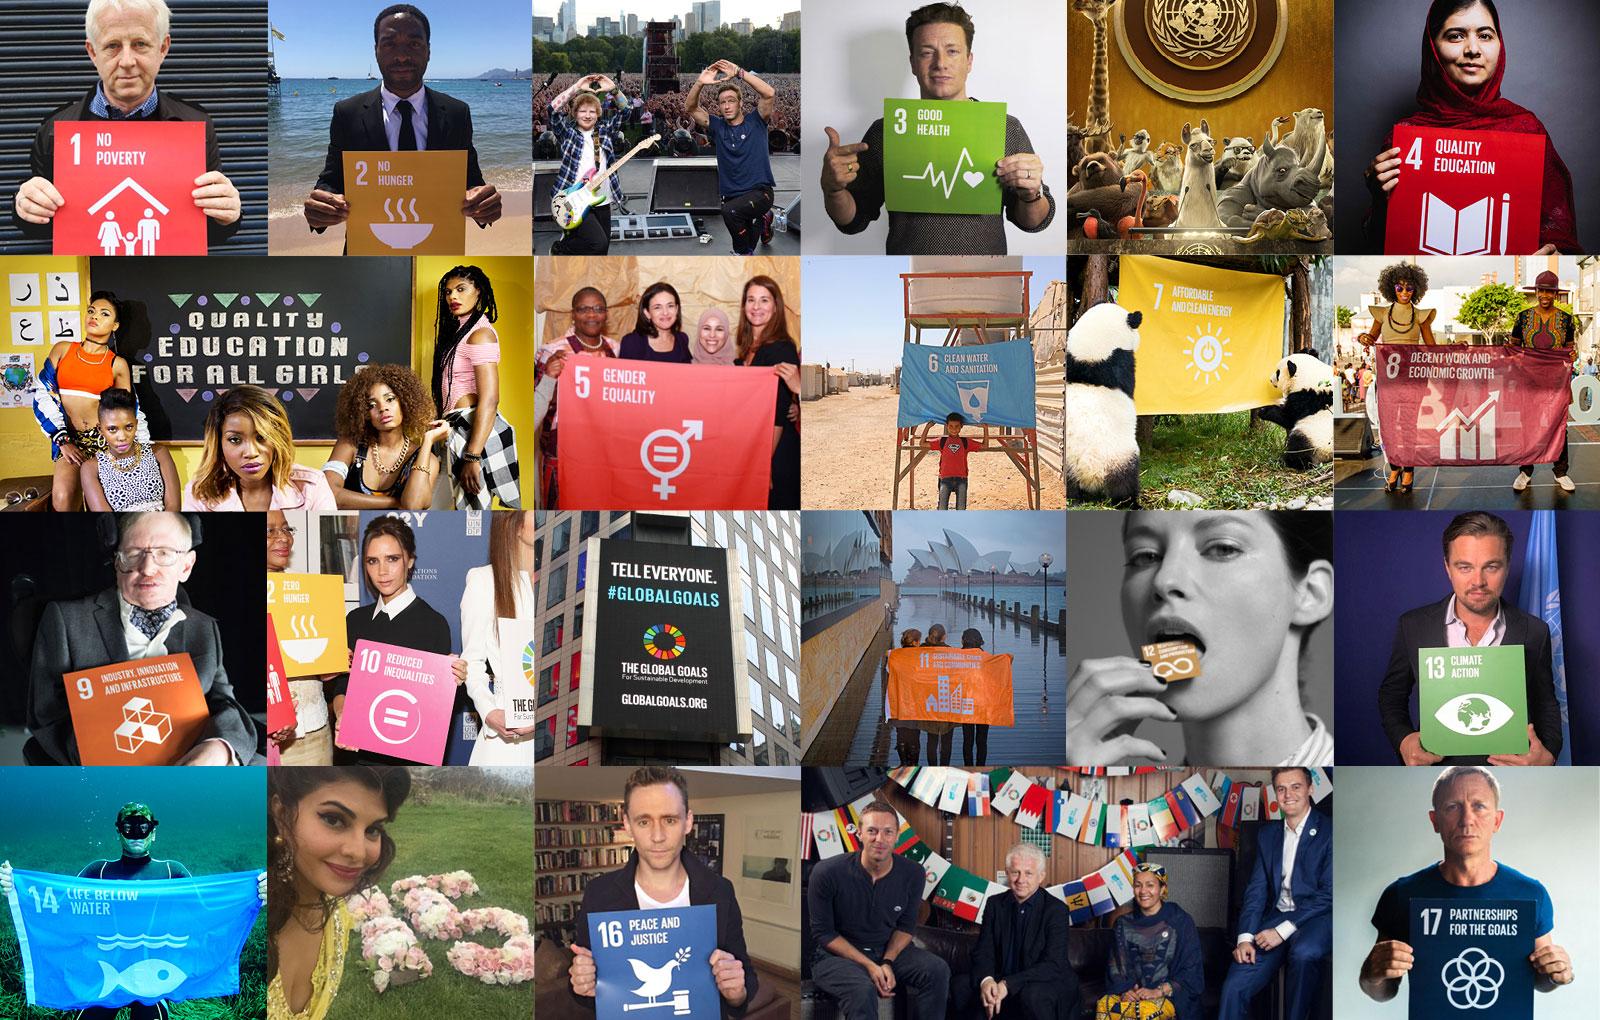 Project everyone - Bilder zu den nachhaltigen Entwicklungszielen